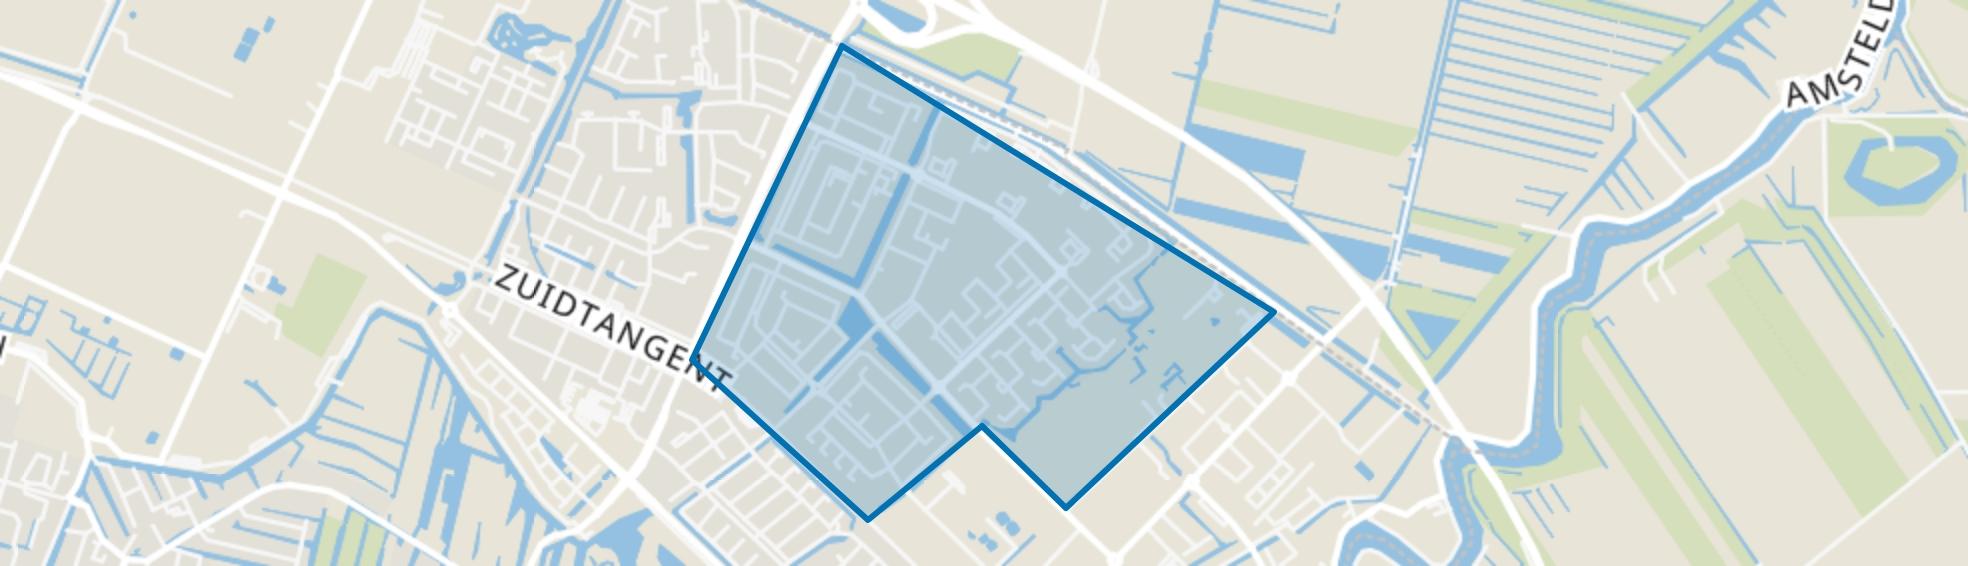 Zijdelwaard, Uithoorn map